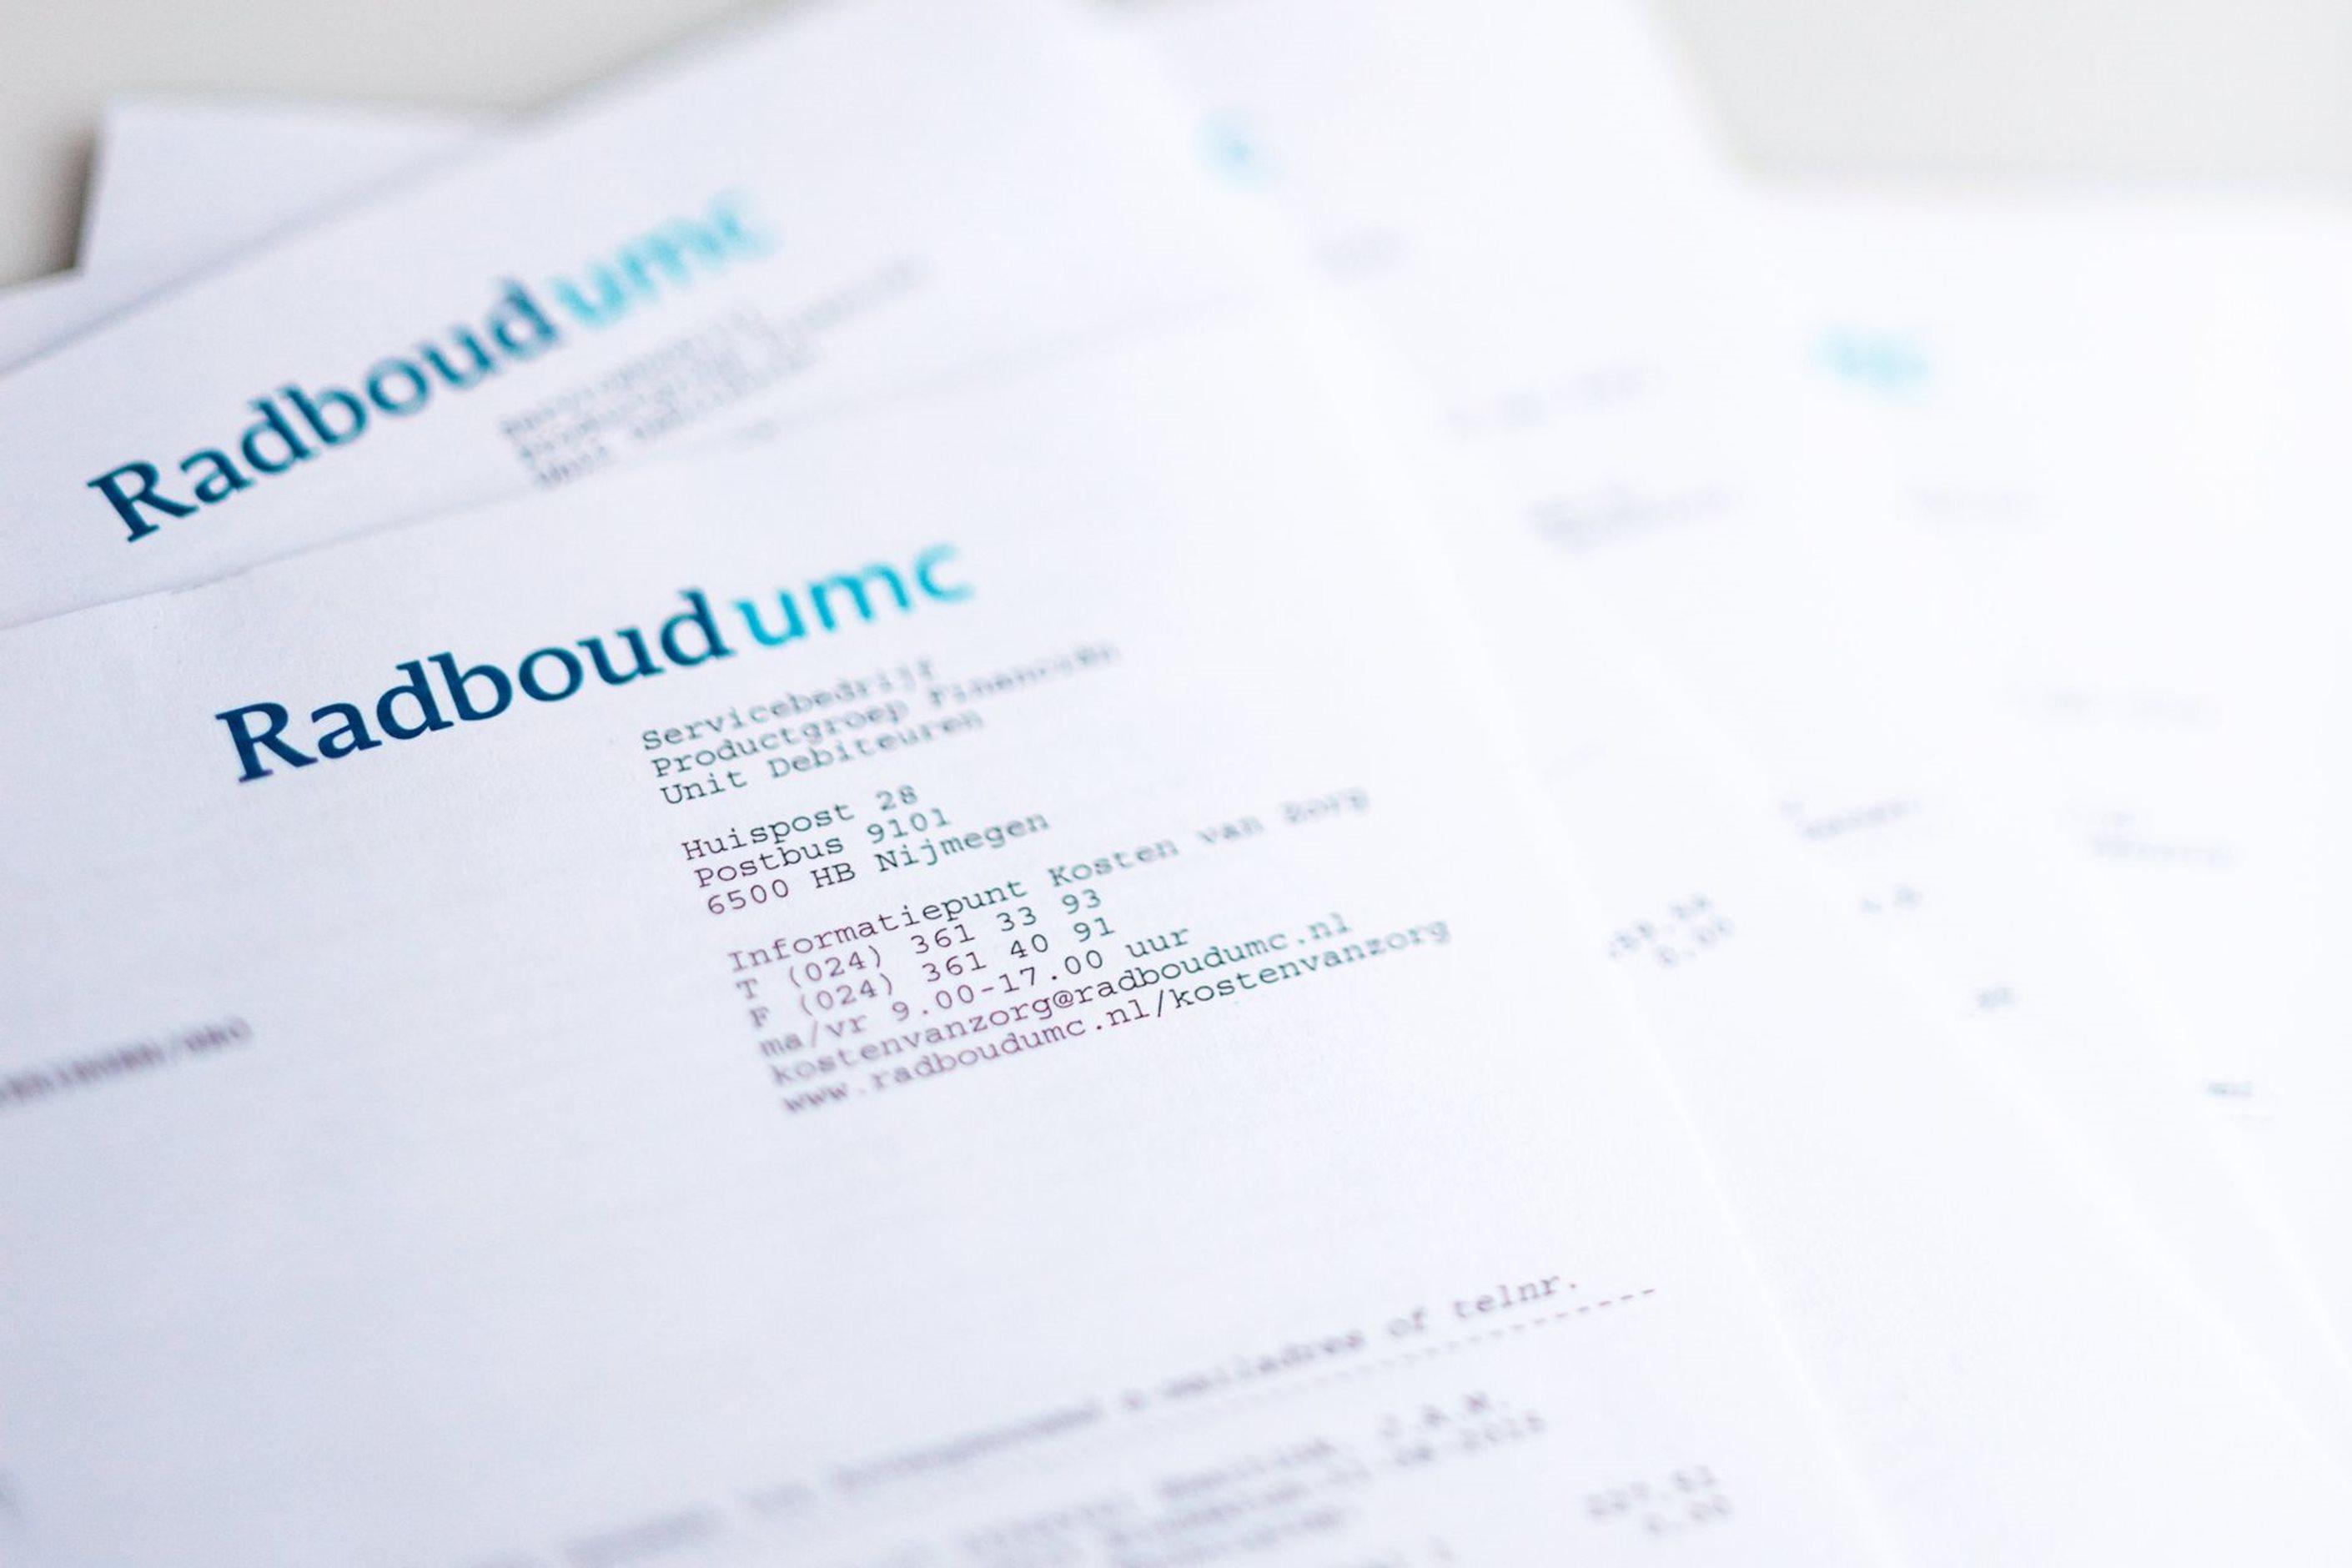 Patient care - Radboudumc